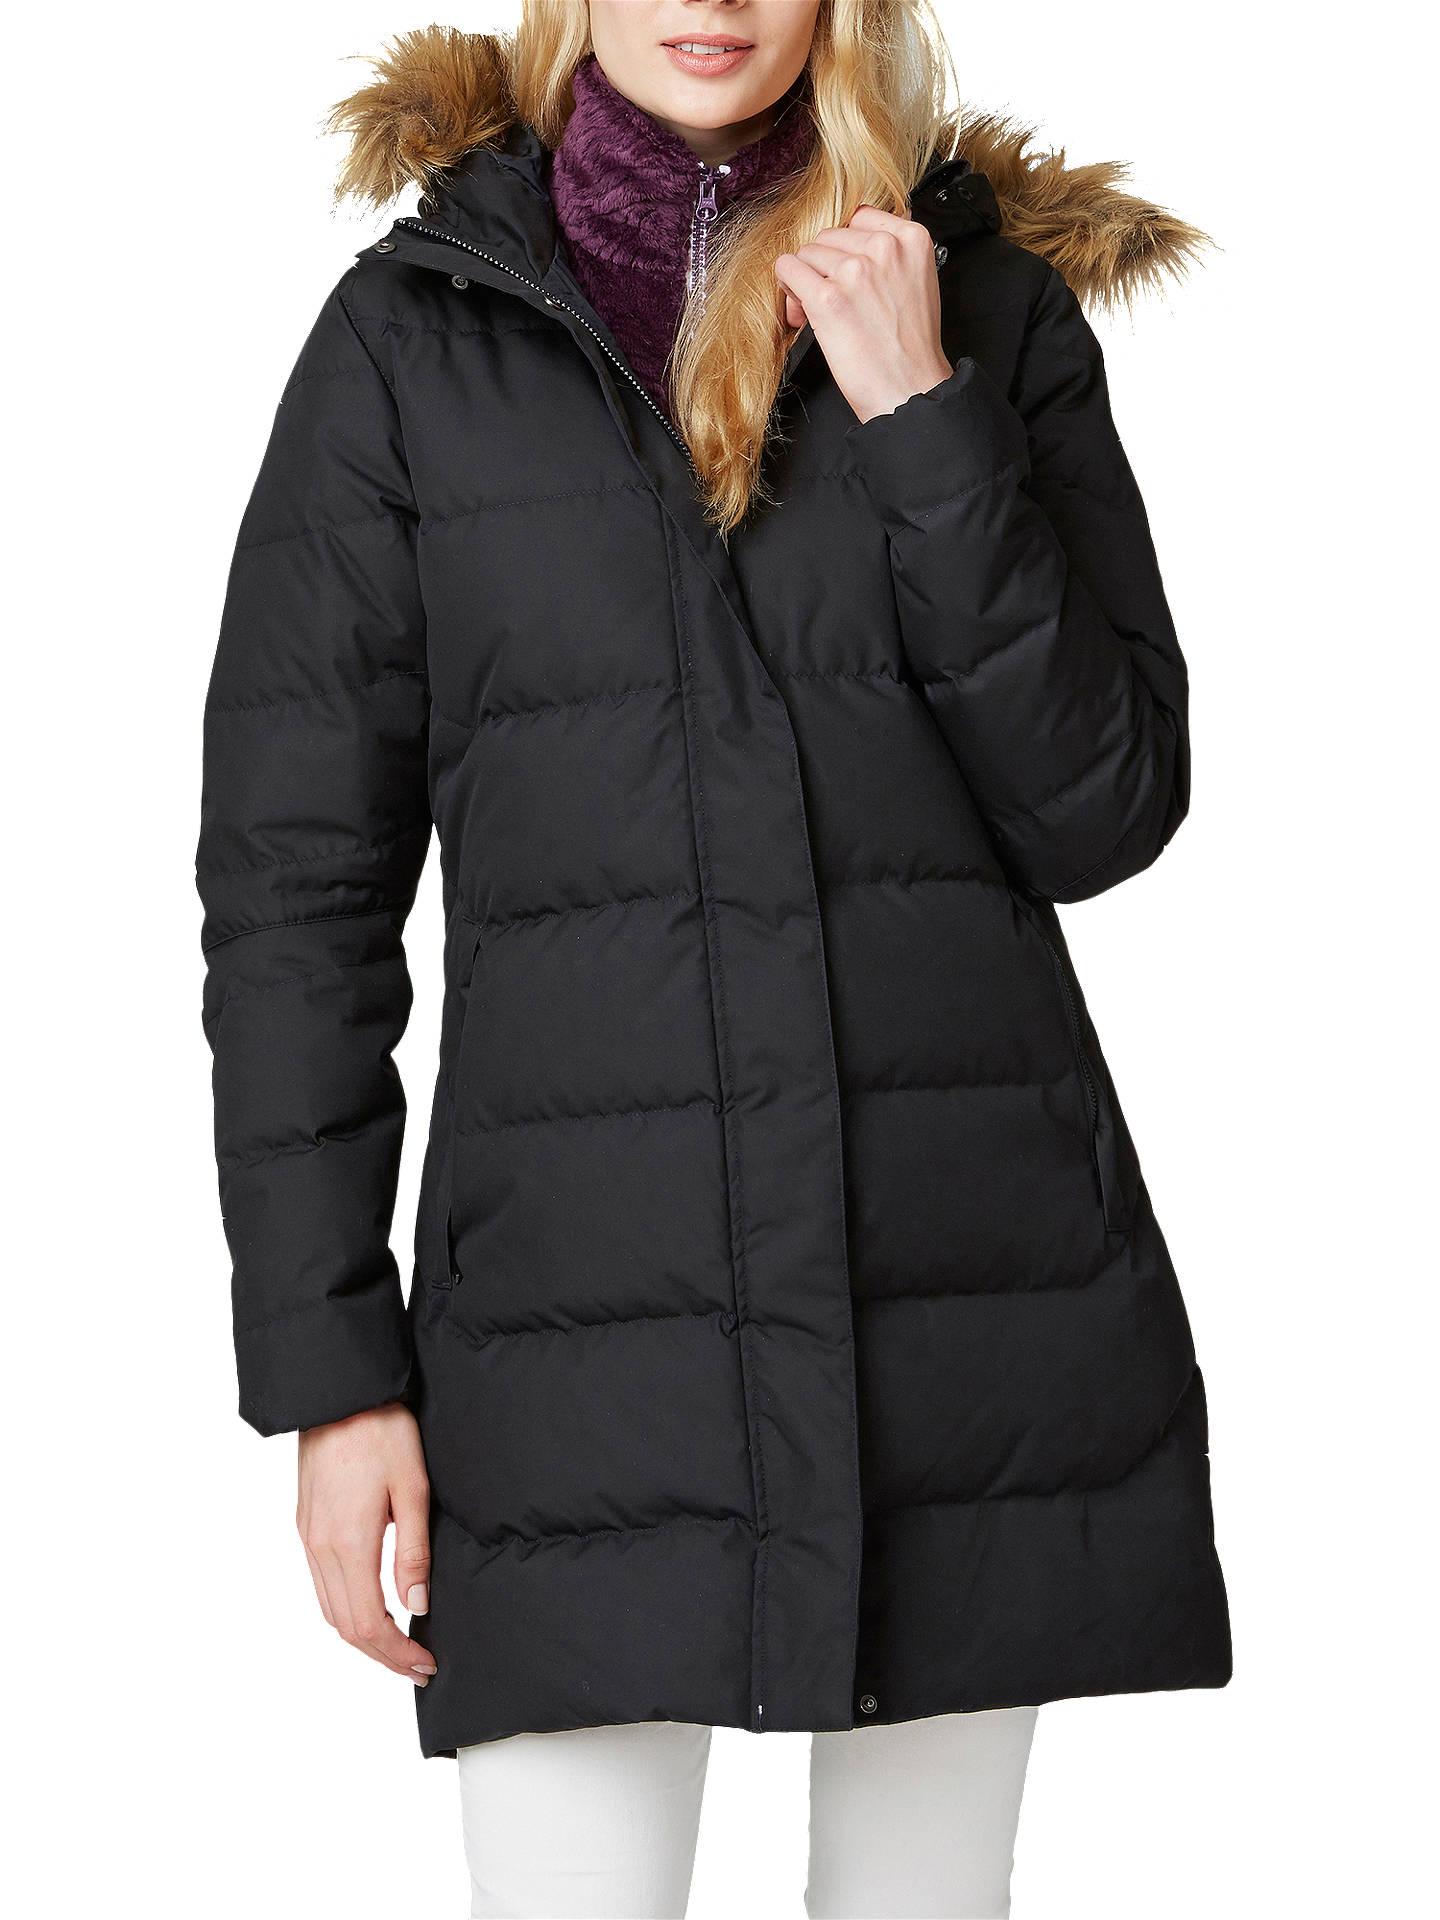 cbffba7bf84f0 Buy Helly Hansen Aden Down Women's Parka Jacket, Black, S Online at  johnlewis.